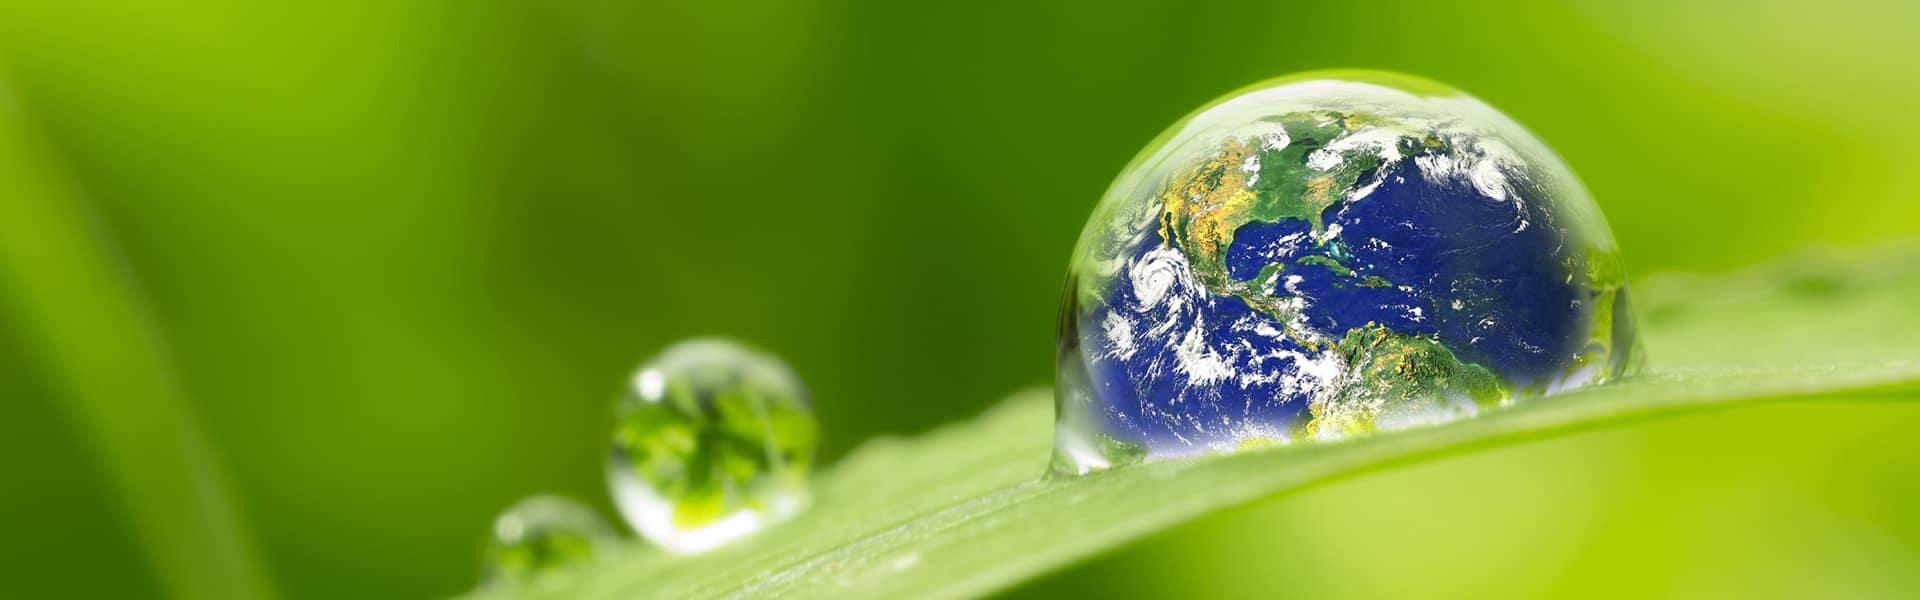 Regentropfen mit Spiegelung der Erde